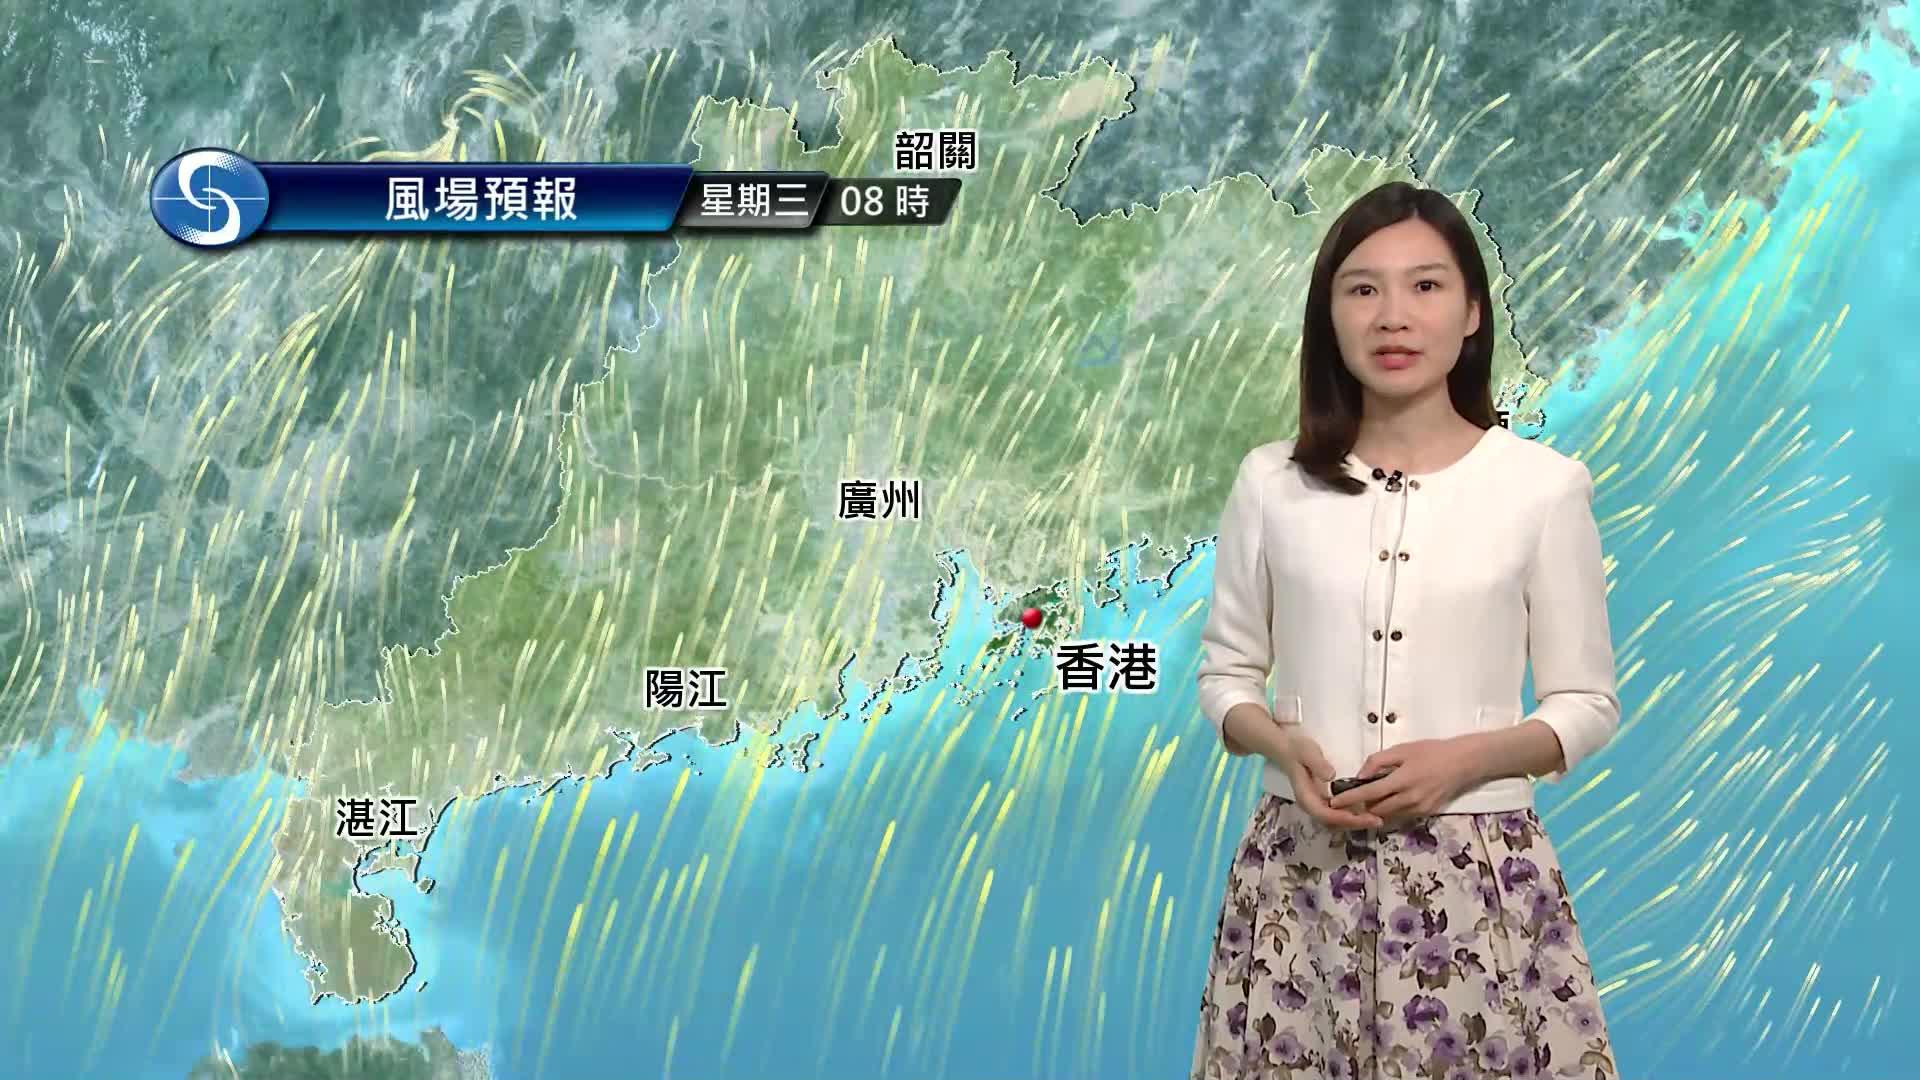 早晨天氣節目(05月12日上午8時) - 科學主任李鳳瑩